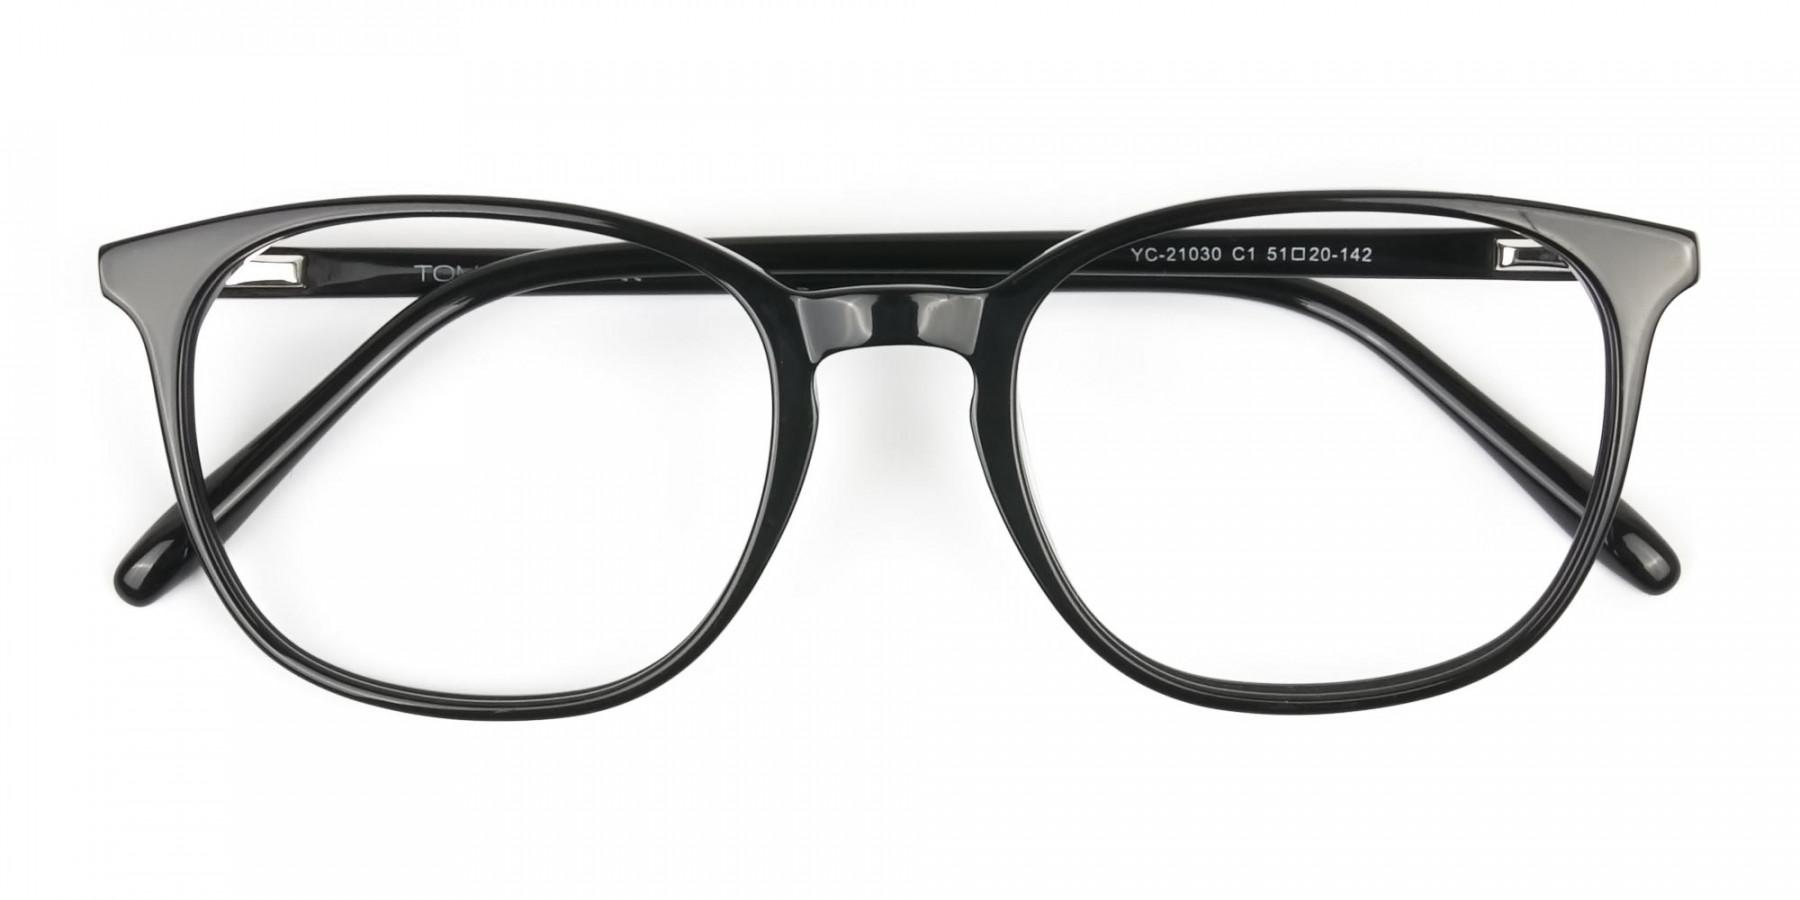 Black Wayfarer Glasses Thin Frame - 1